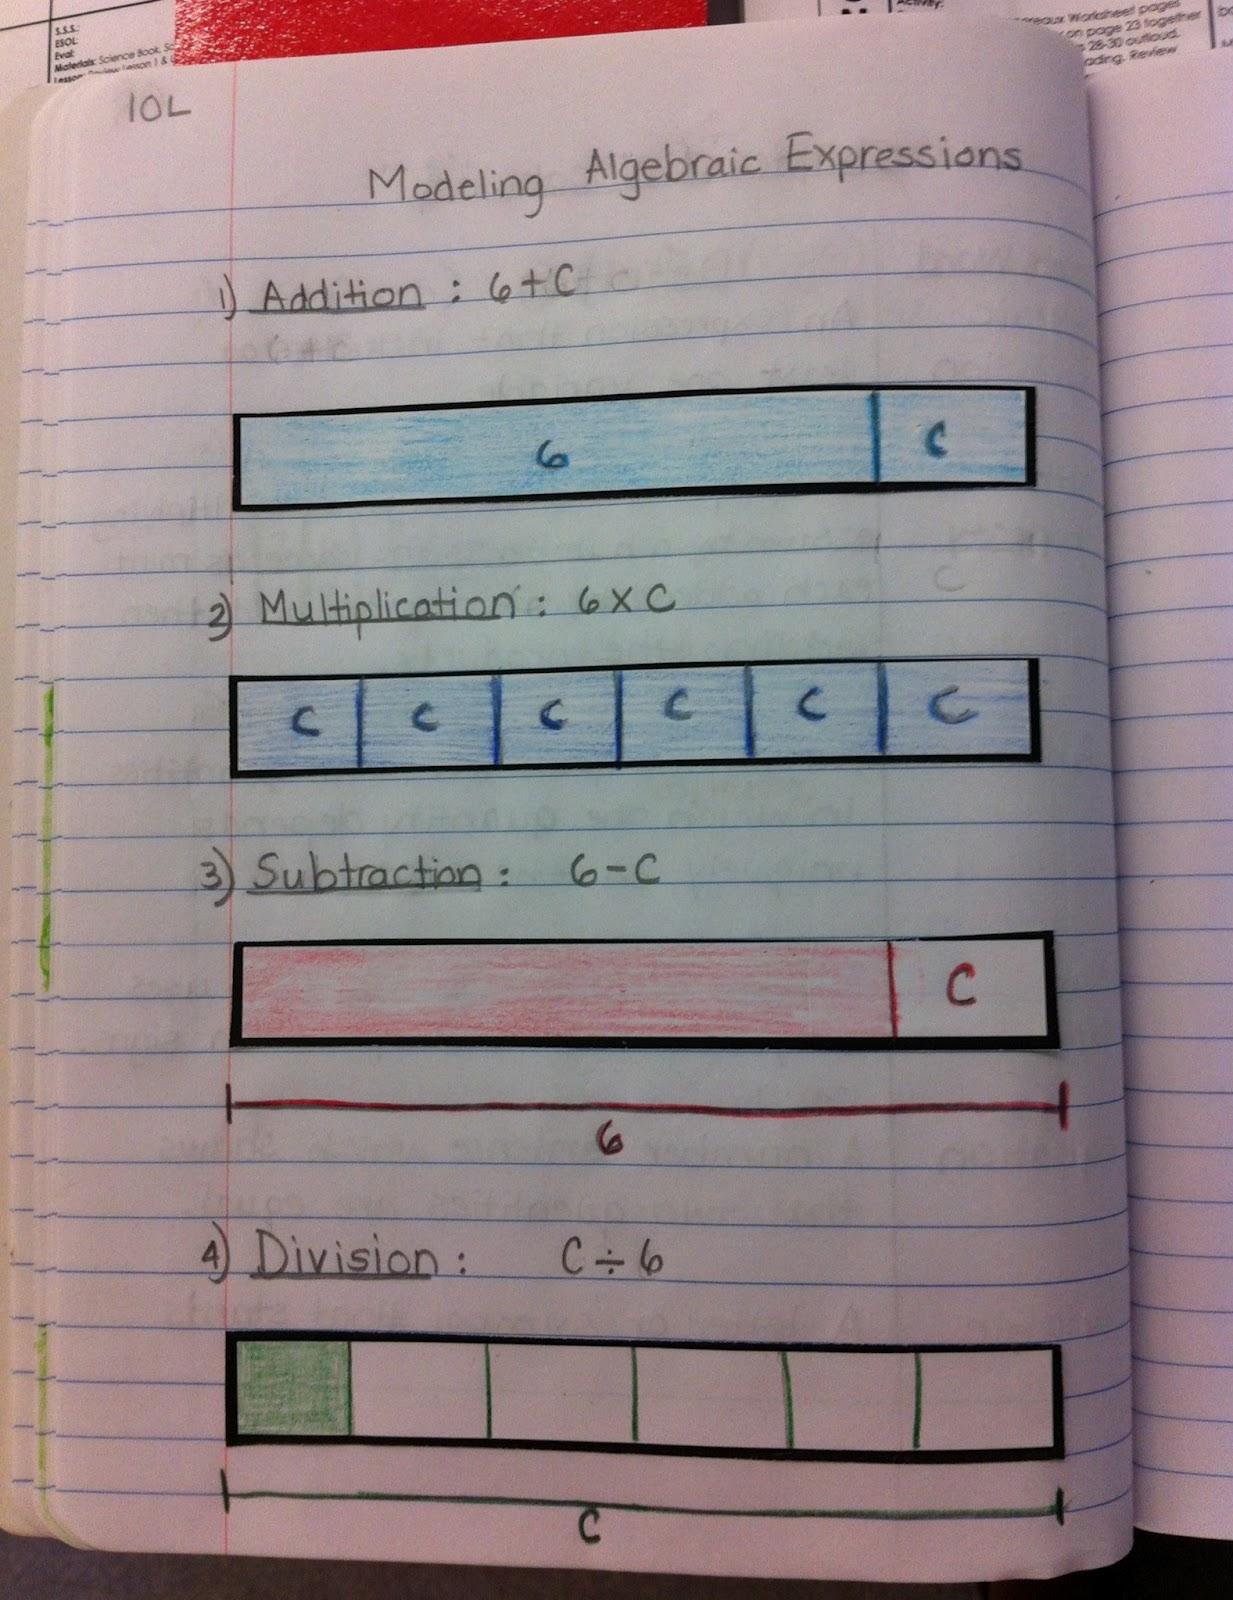 Algebraic+Expressions+Model+4th+Grade Algebraic Expressions Model 4th ...